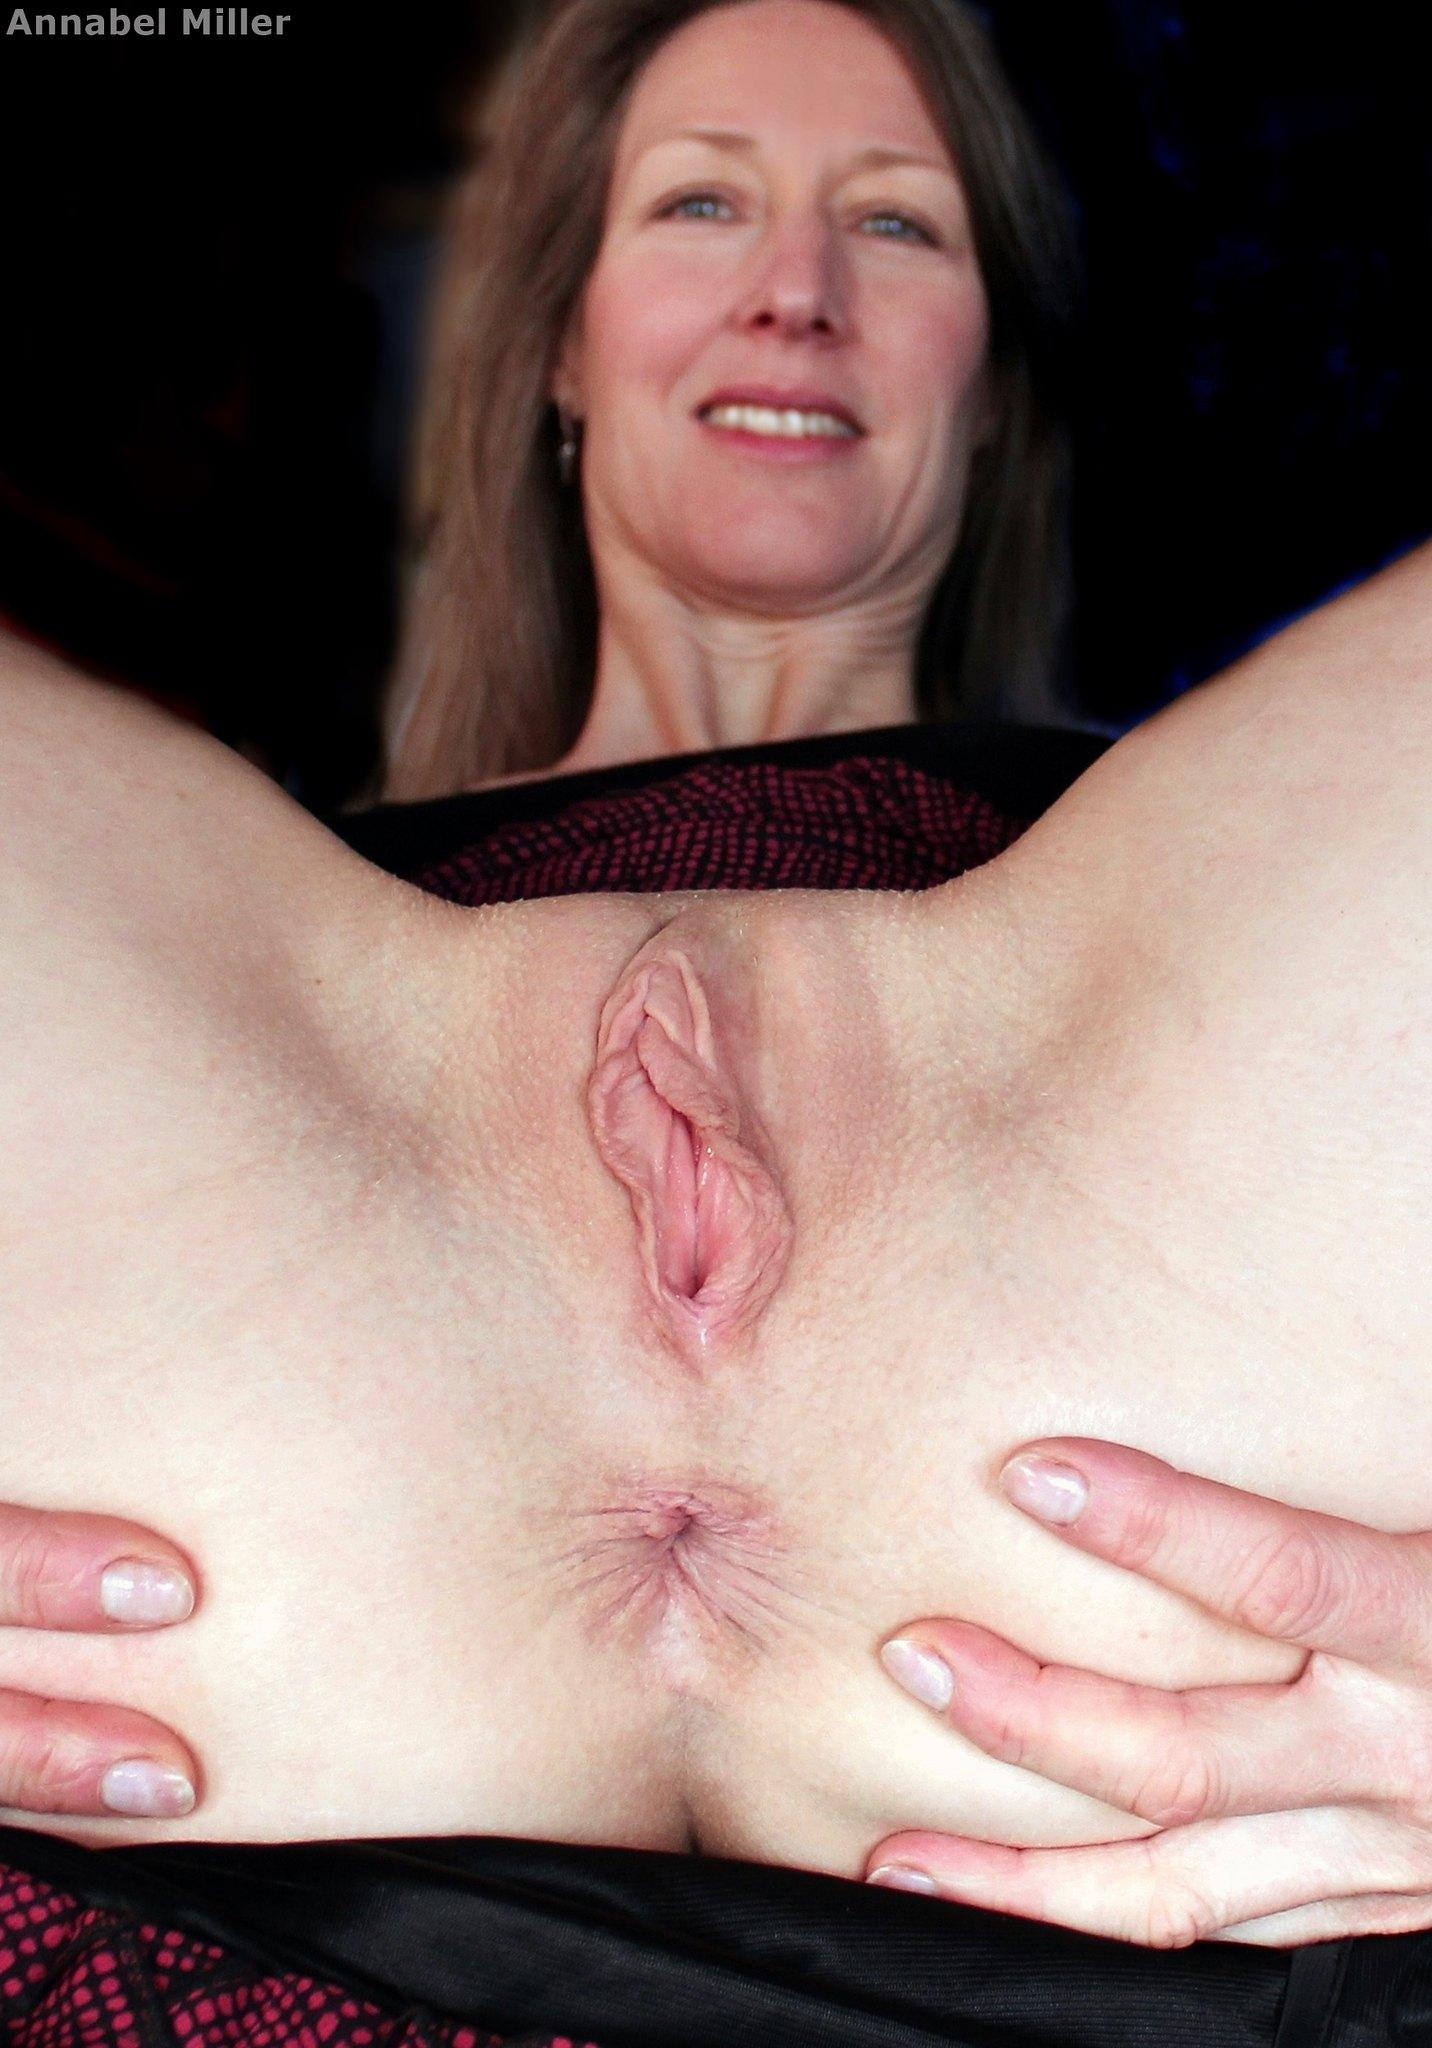 Annabel Miller nude HD fill blank